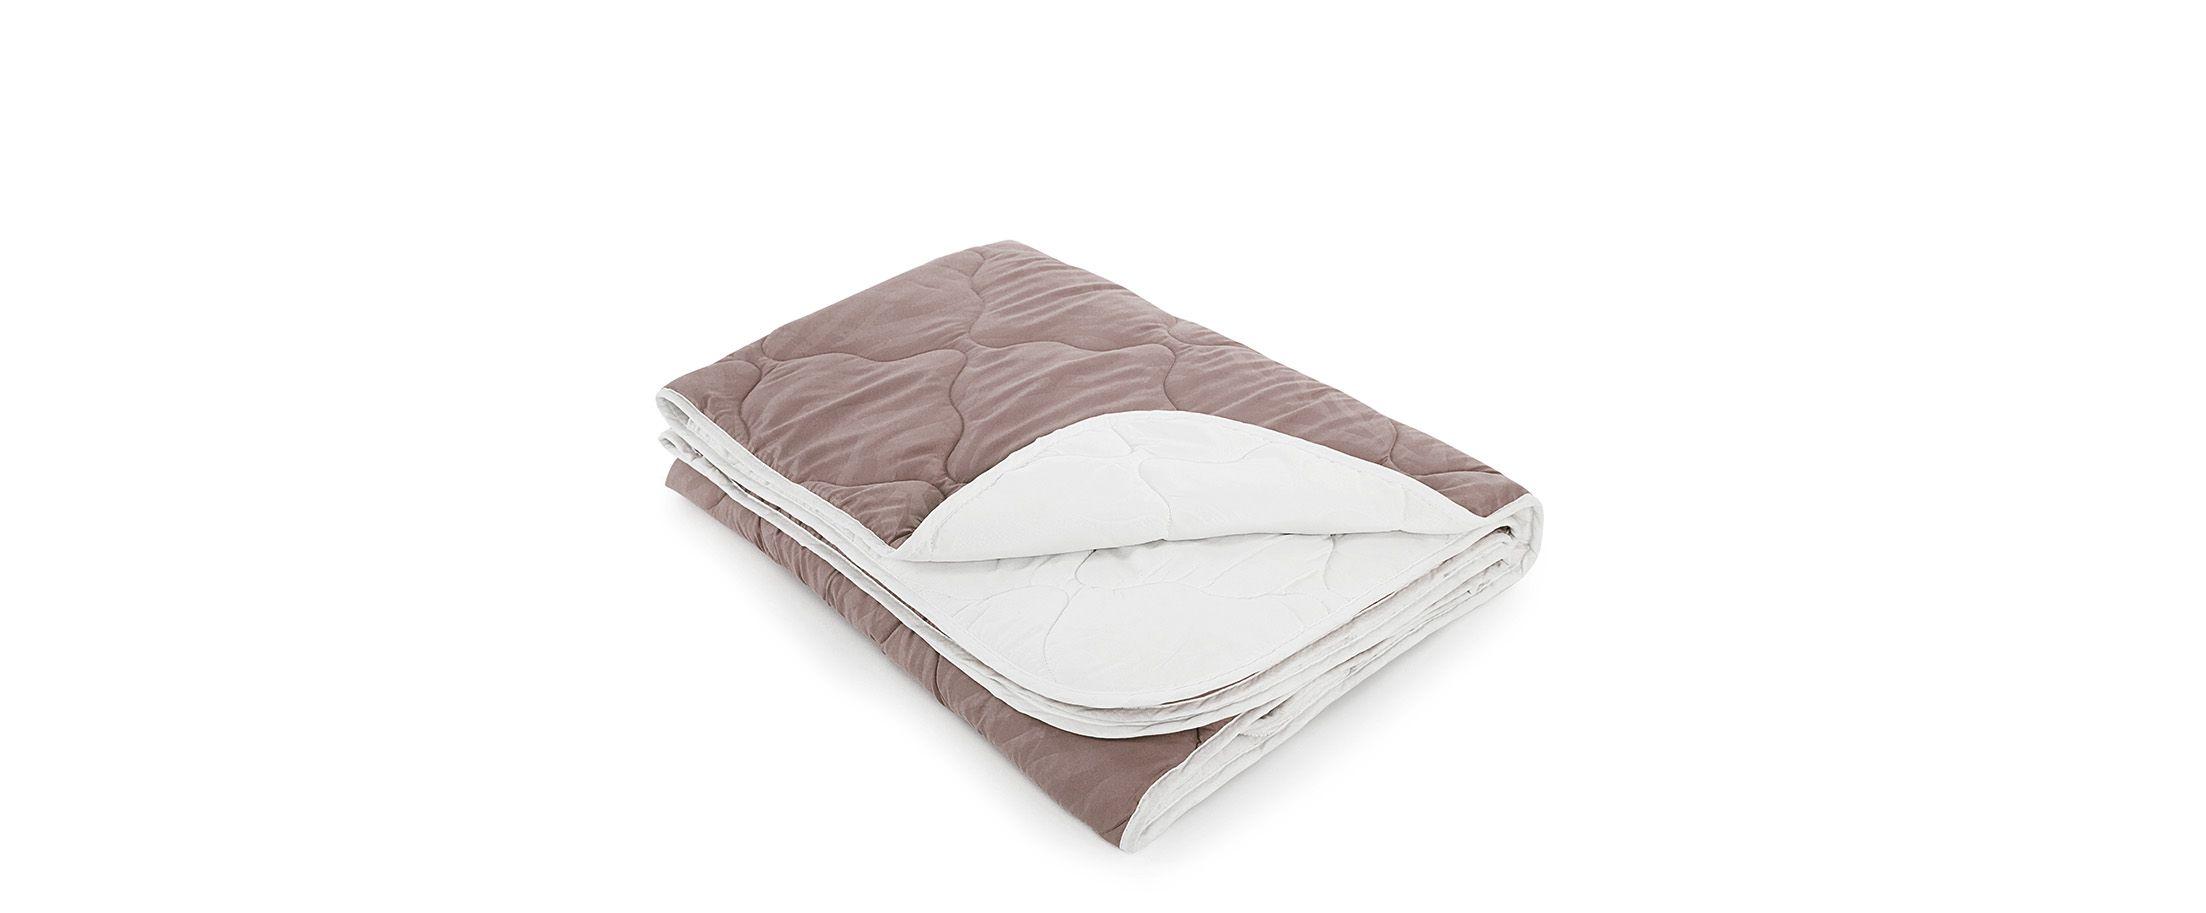 Одеяло «Для тебя» 200х220 серого цвета Модель 4004Одеяла<br>Одеяло «Для тебя» 200х220 серого цвета Модель 4004. Артикул К000740<br>